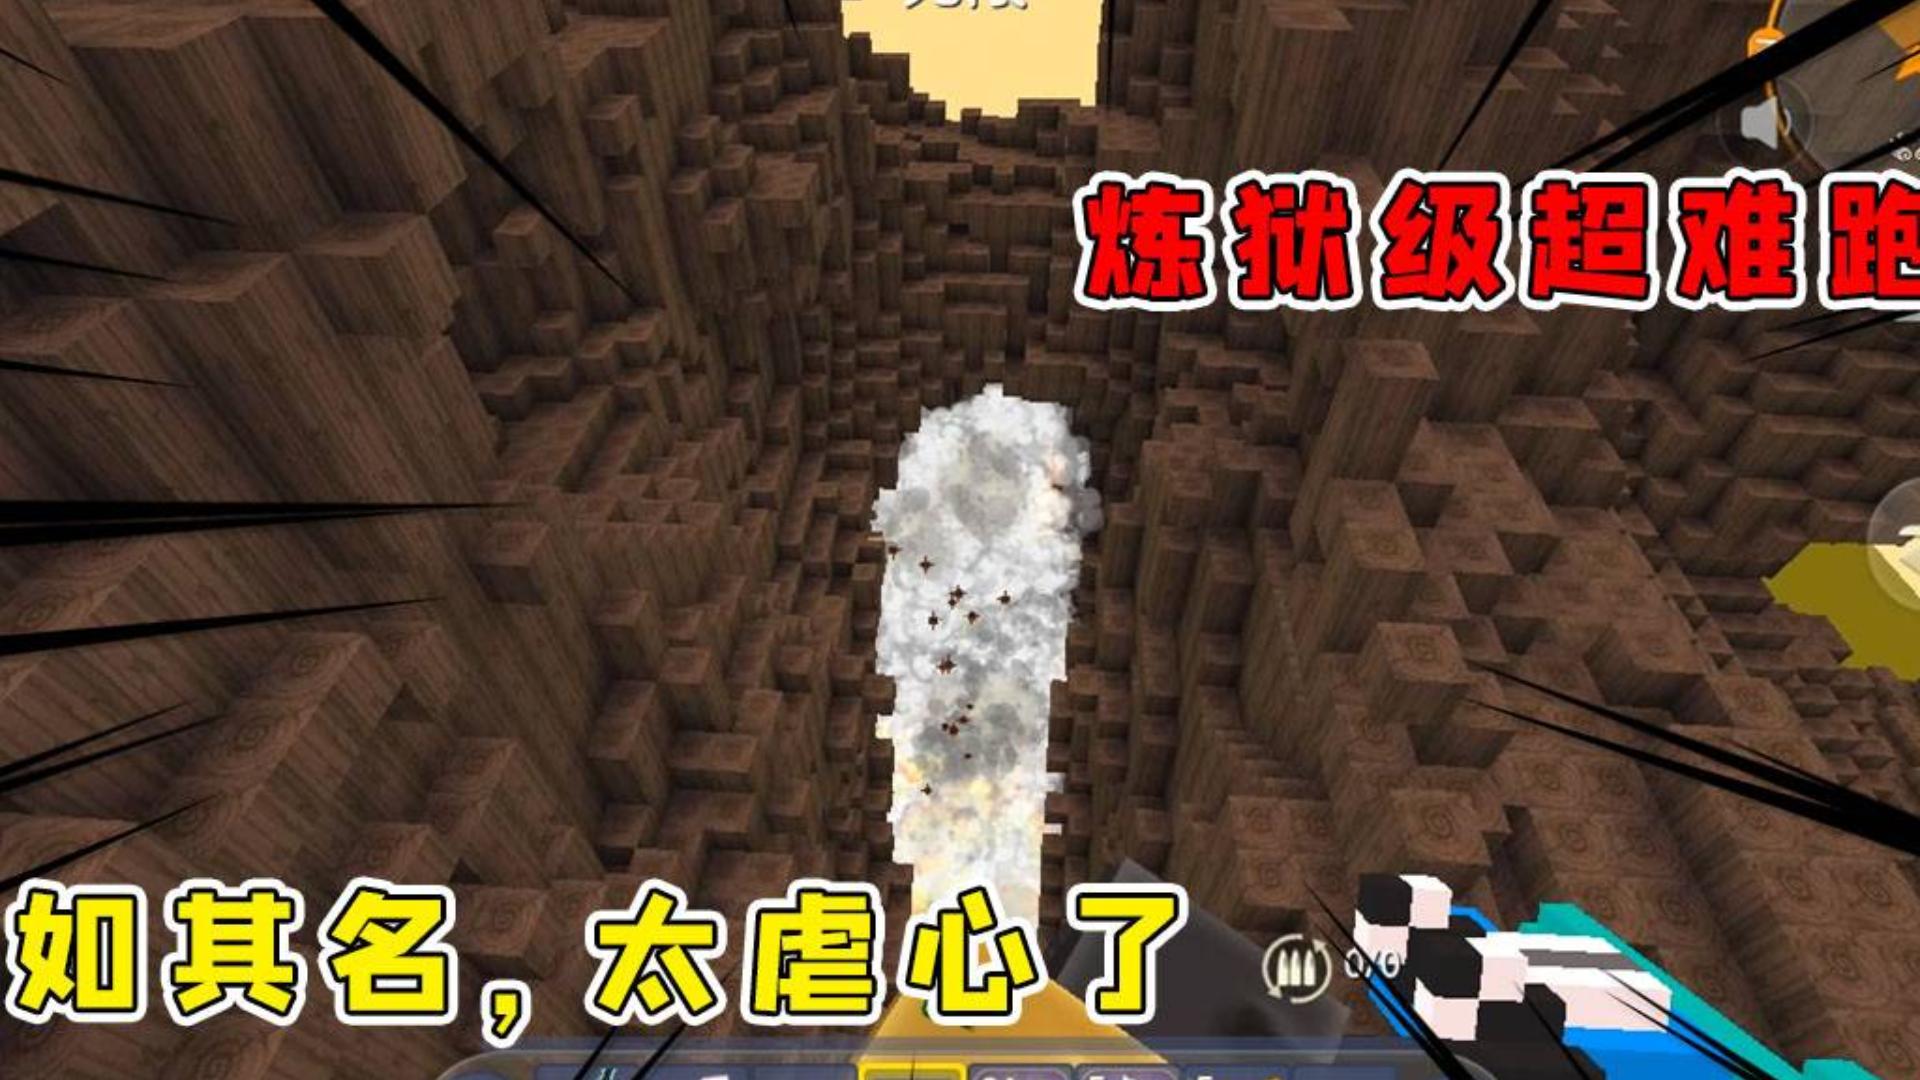 迷你世界:炼狱超难跑酷,半仙背着火箭背包还跑了十分钟,最难跑酷!